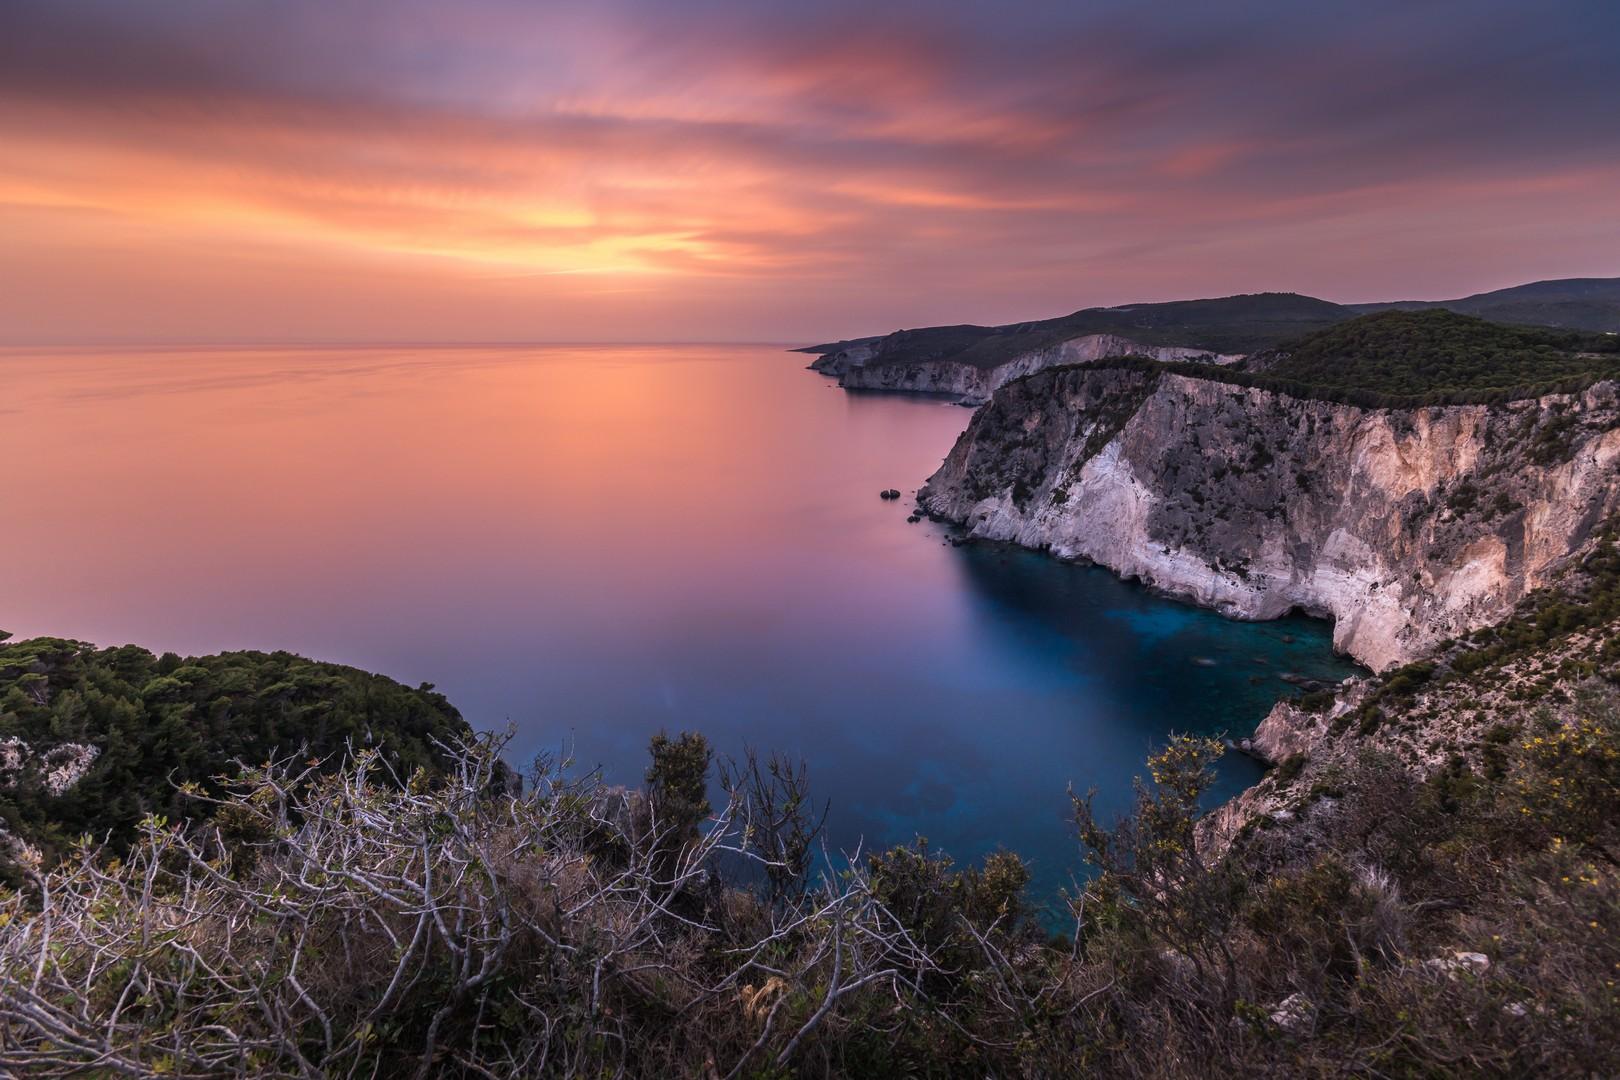 Zakynthos island the beautiful sunset from Keri